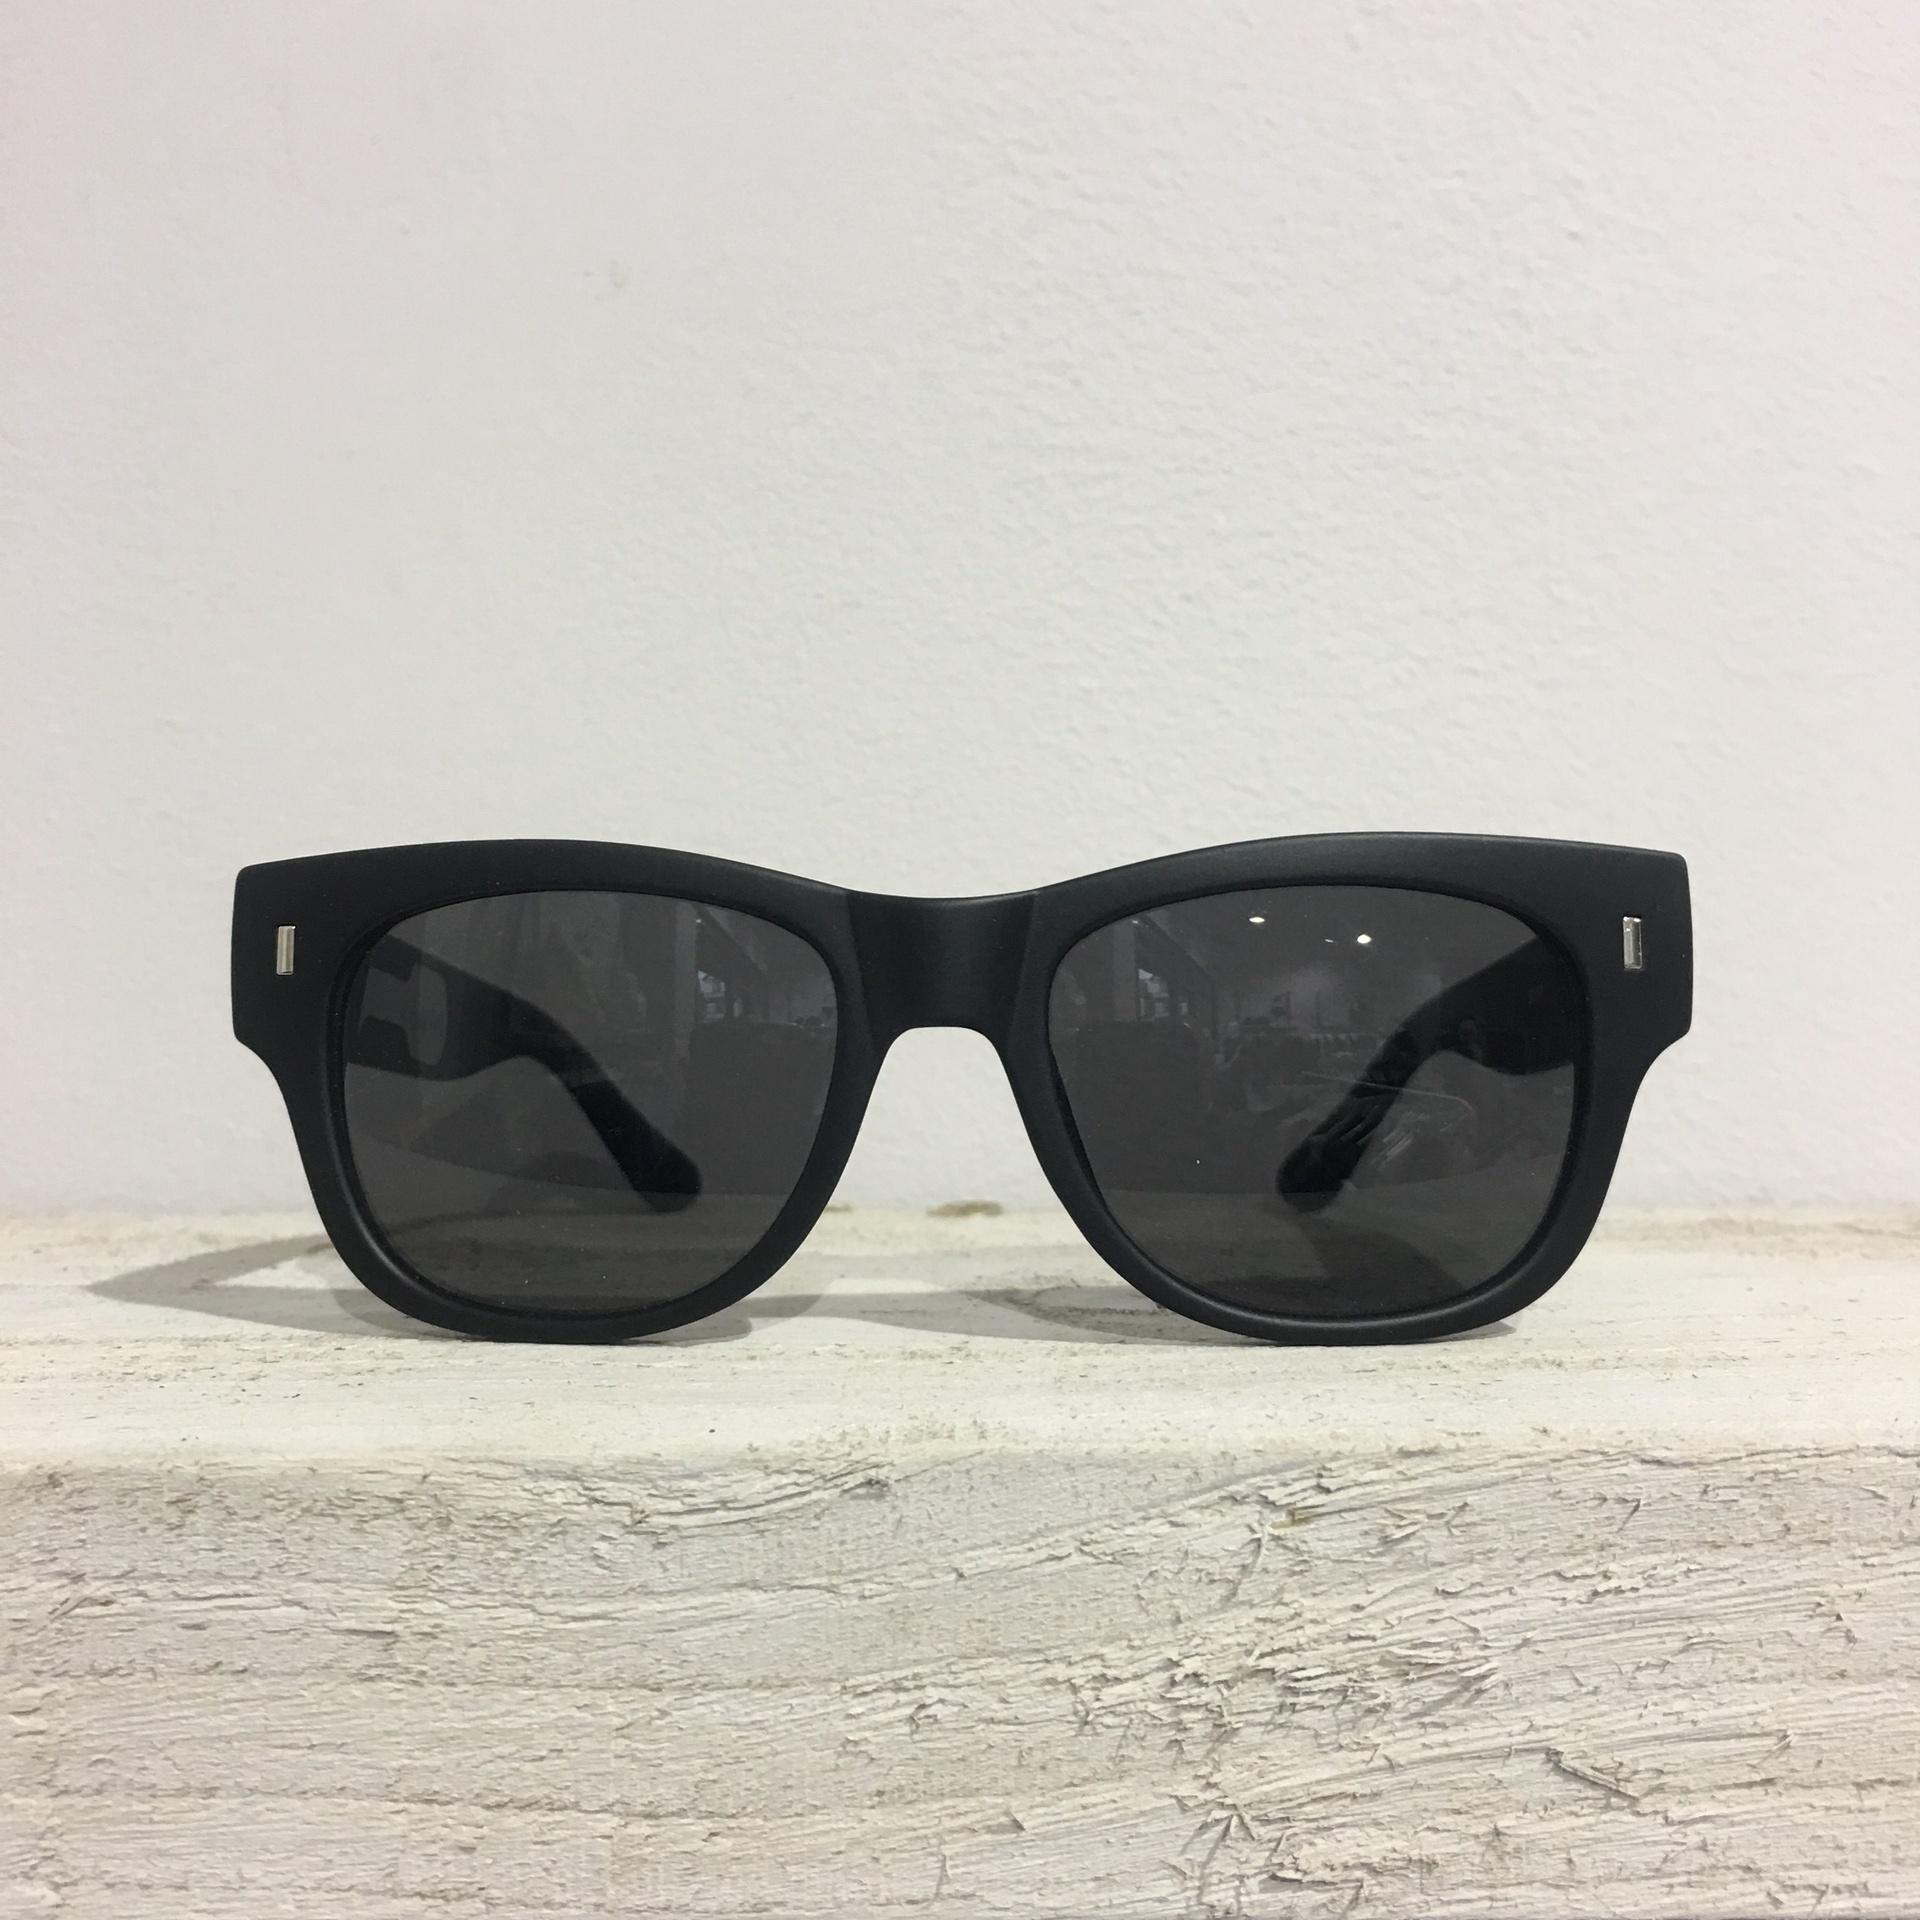 Sunglasses - Wayfarers